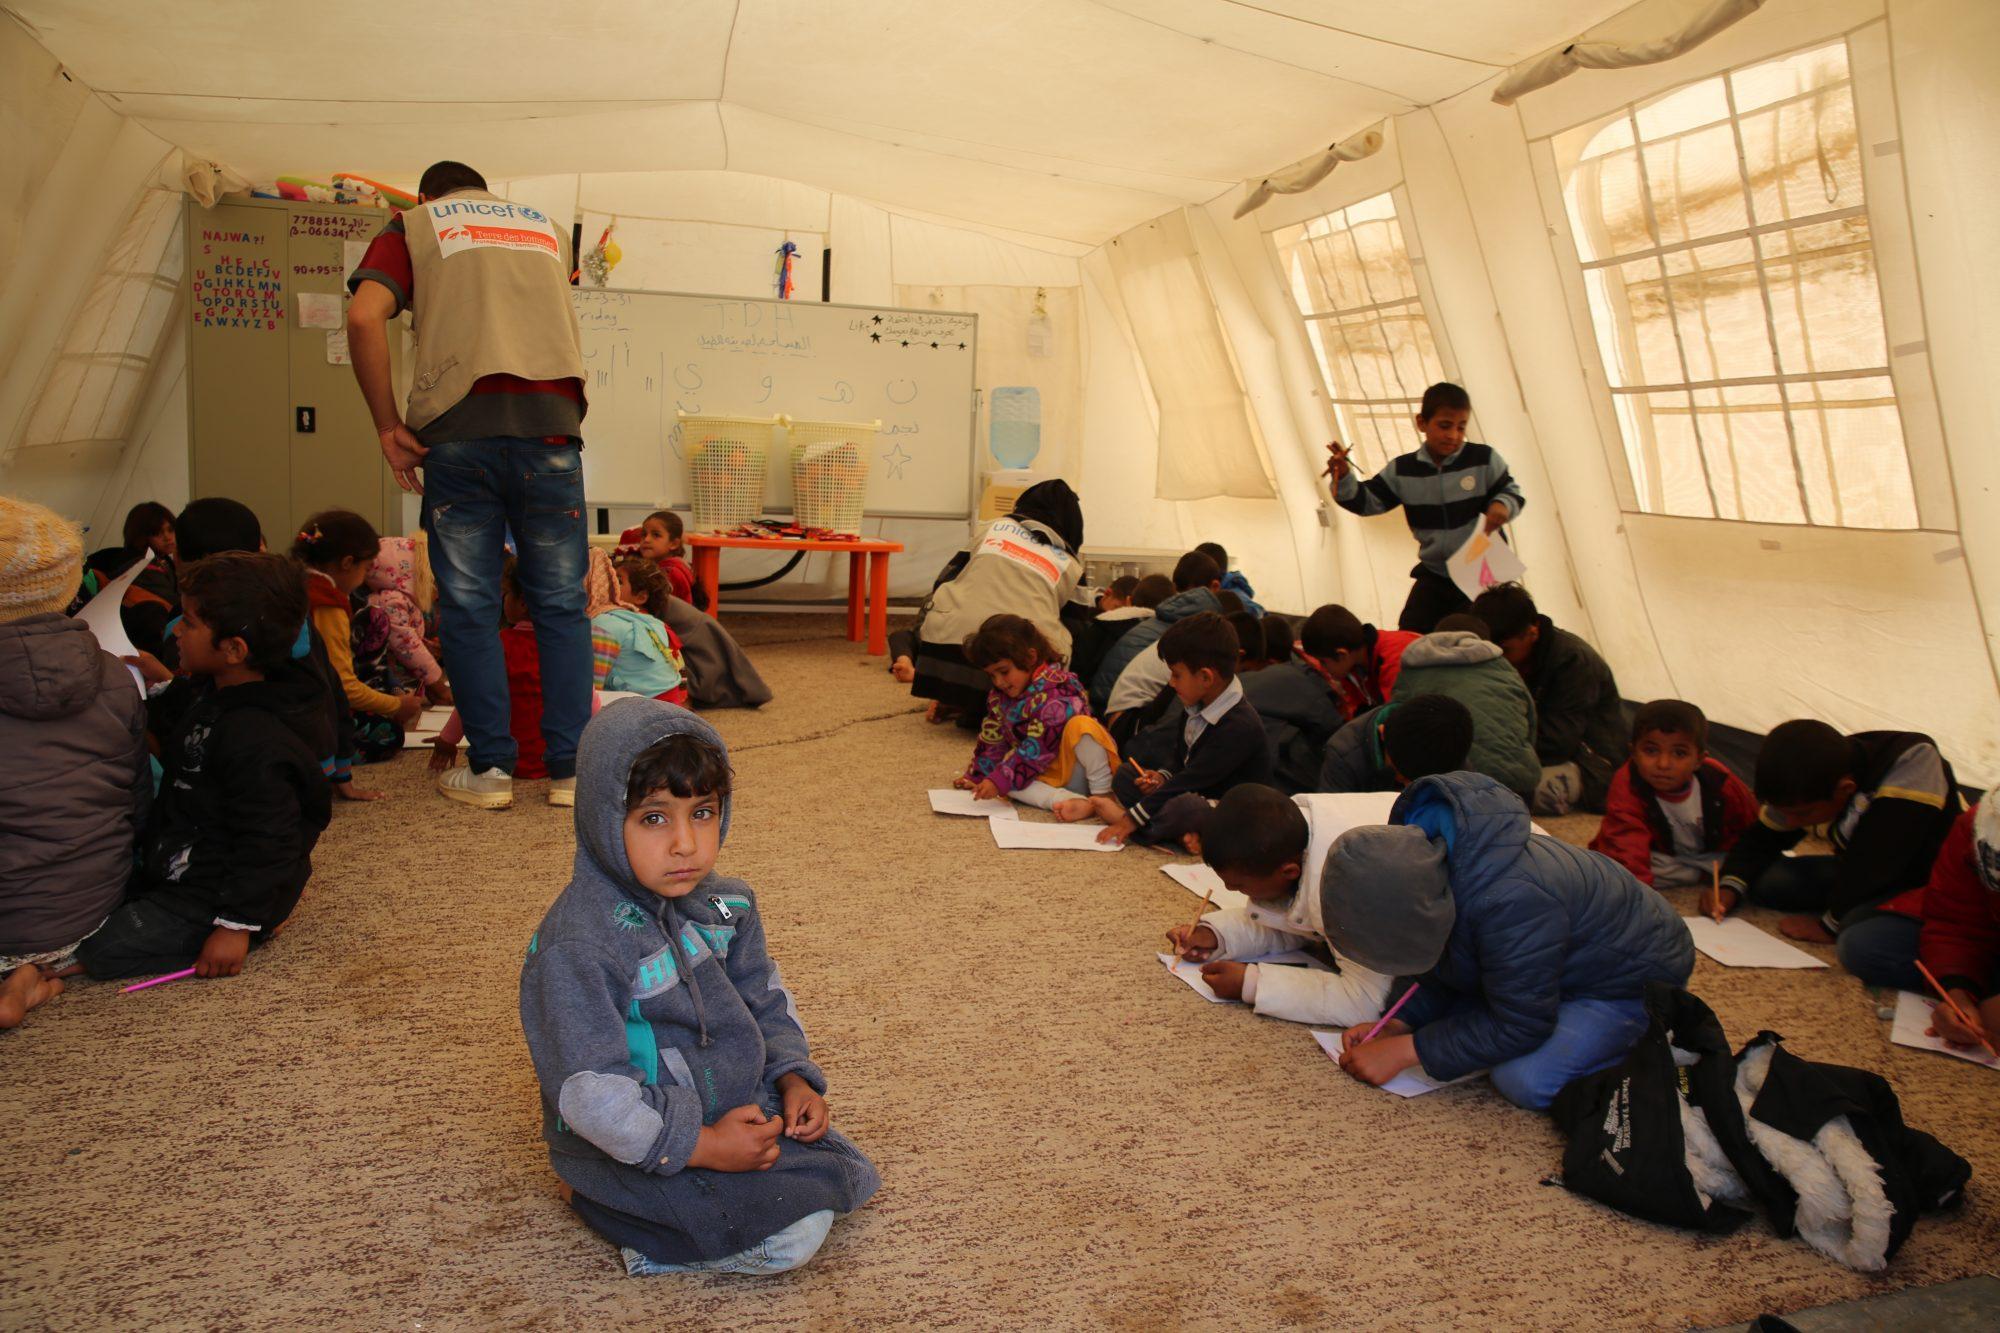 YK:n pakolaisjärjestelmä uusiksi – win-win -tilanne sekä valtioille että pakolaisille?